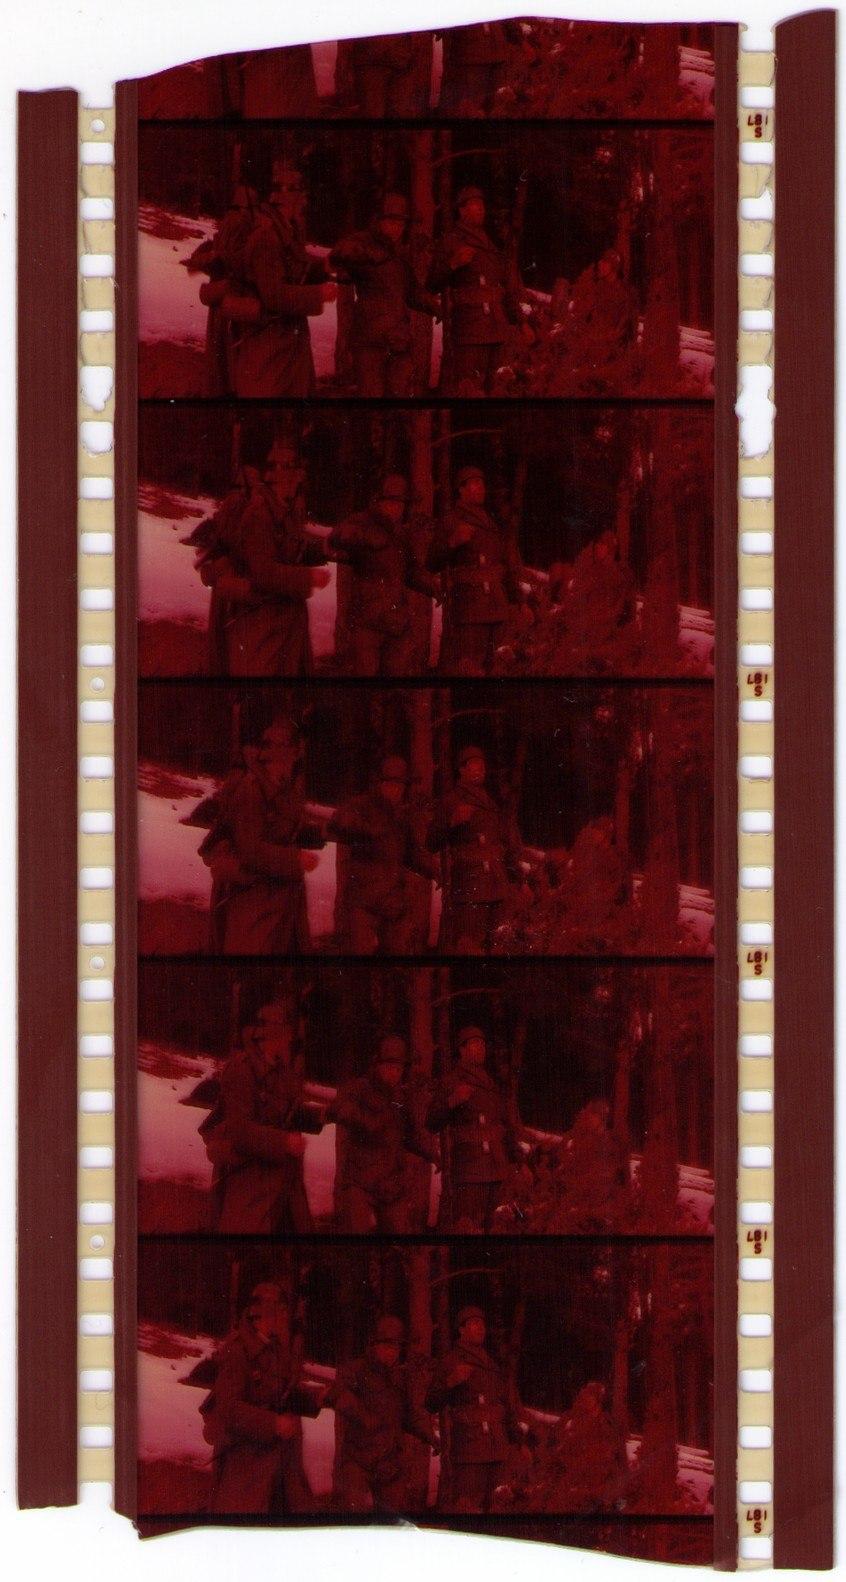 70mm-Film